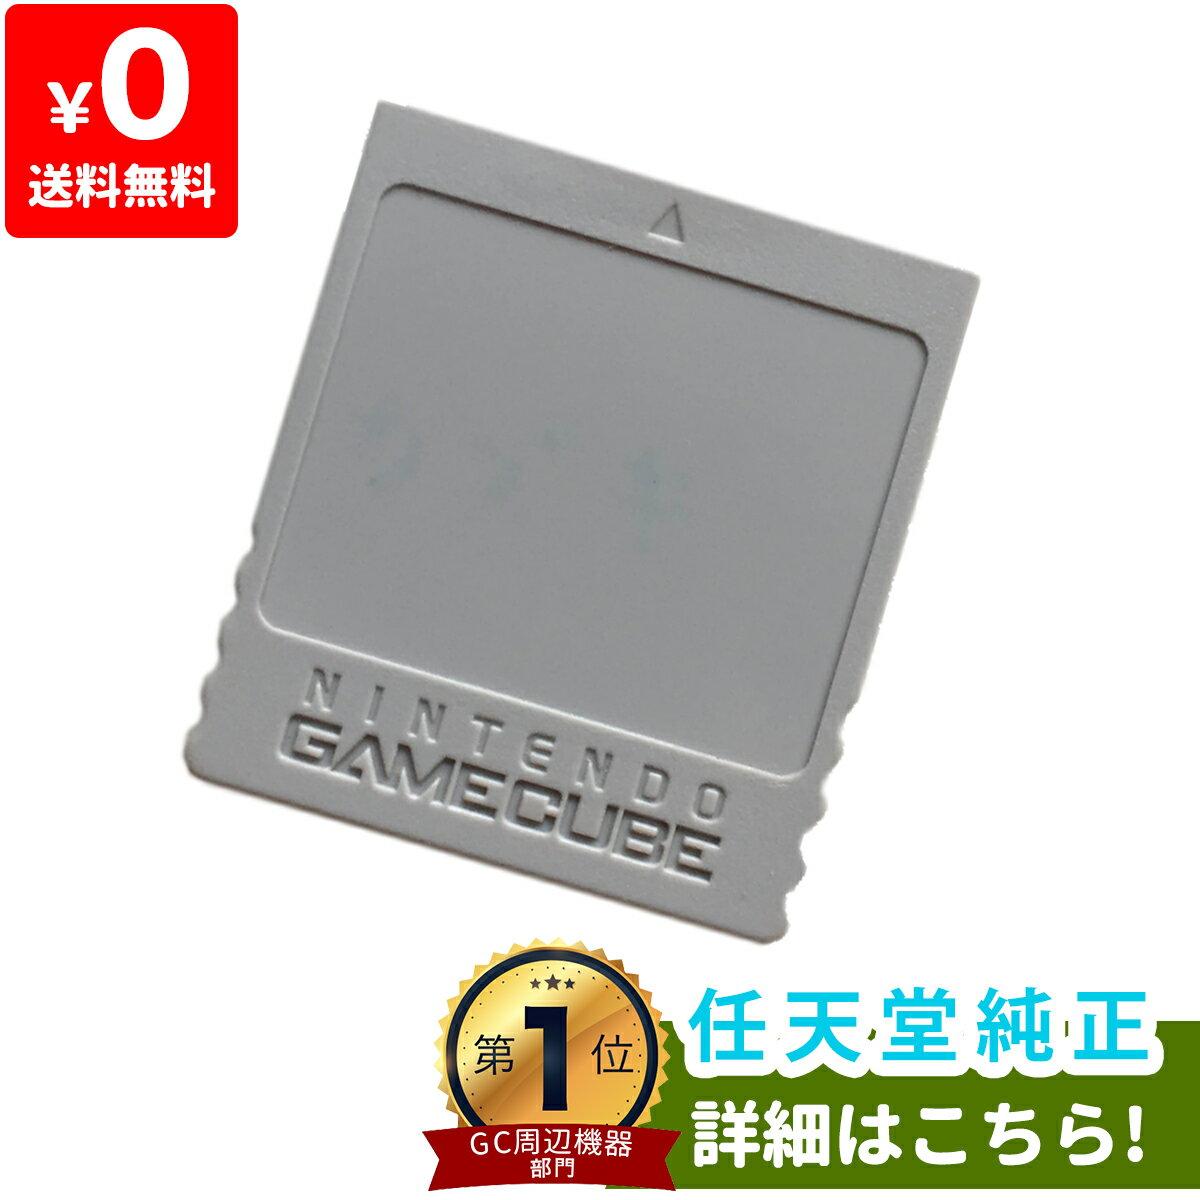 任天堂GC ニンテンドーゲームキューブ メモリーカード59 中古 4902370505566 送料無料 【中古】